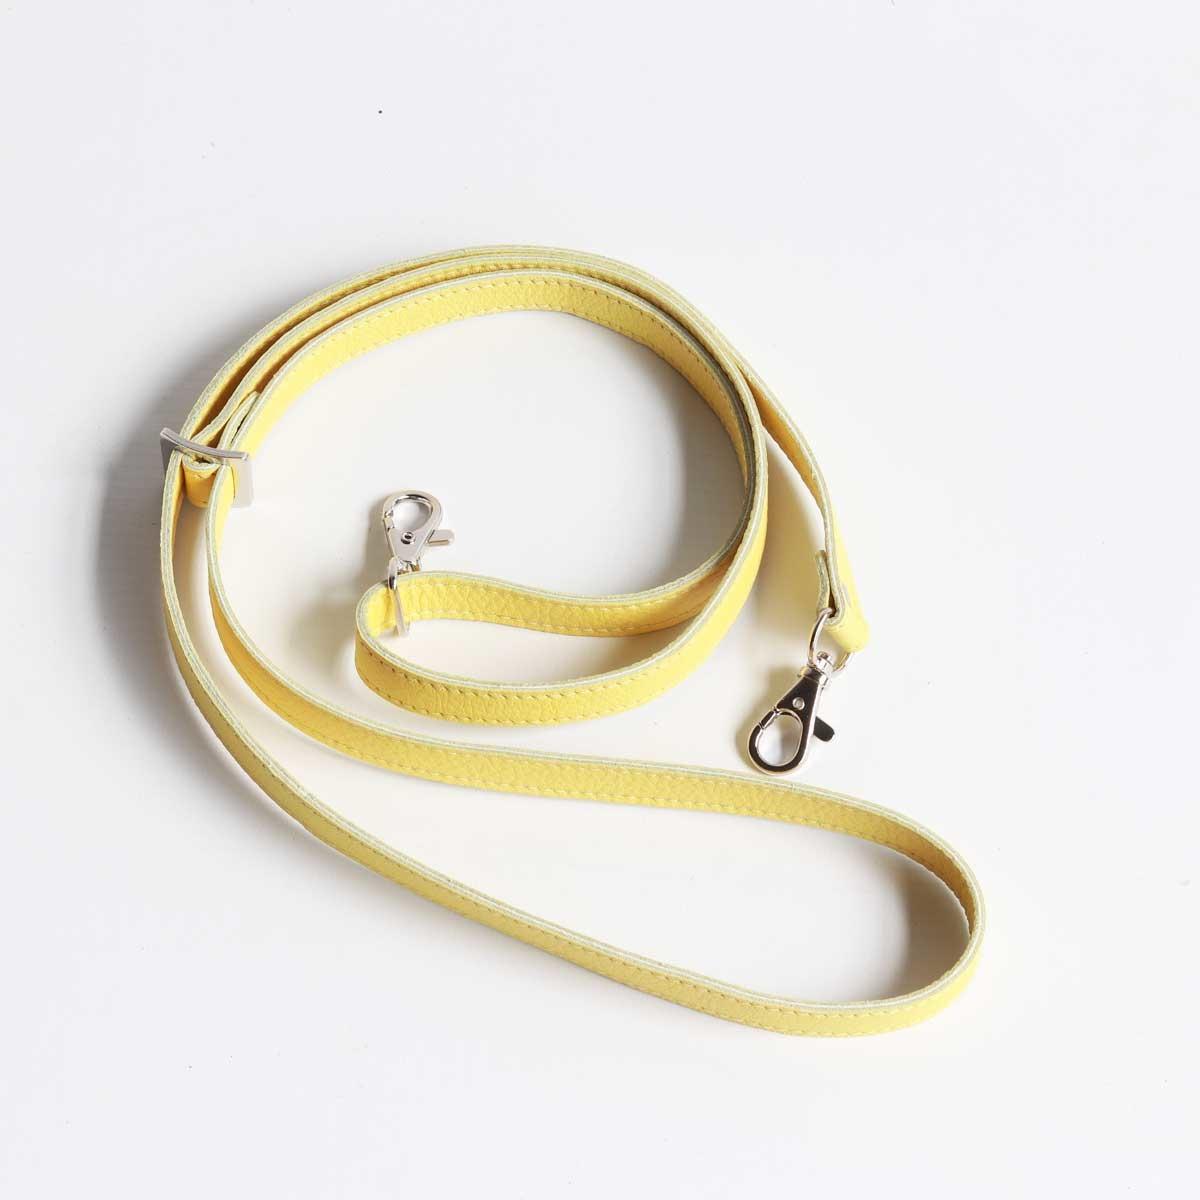 riemen für taschen lang leder gelb